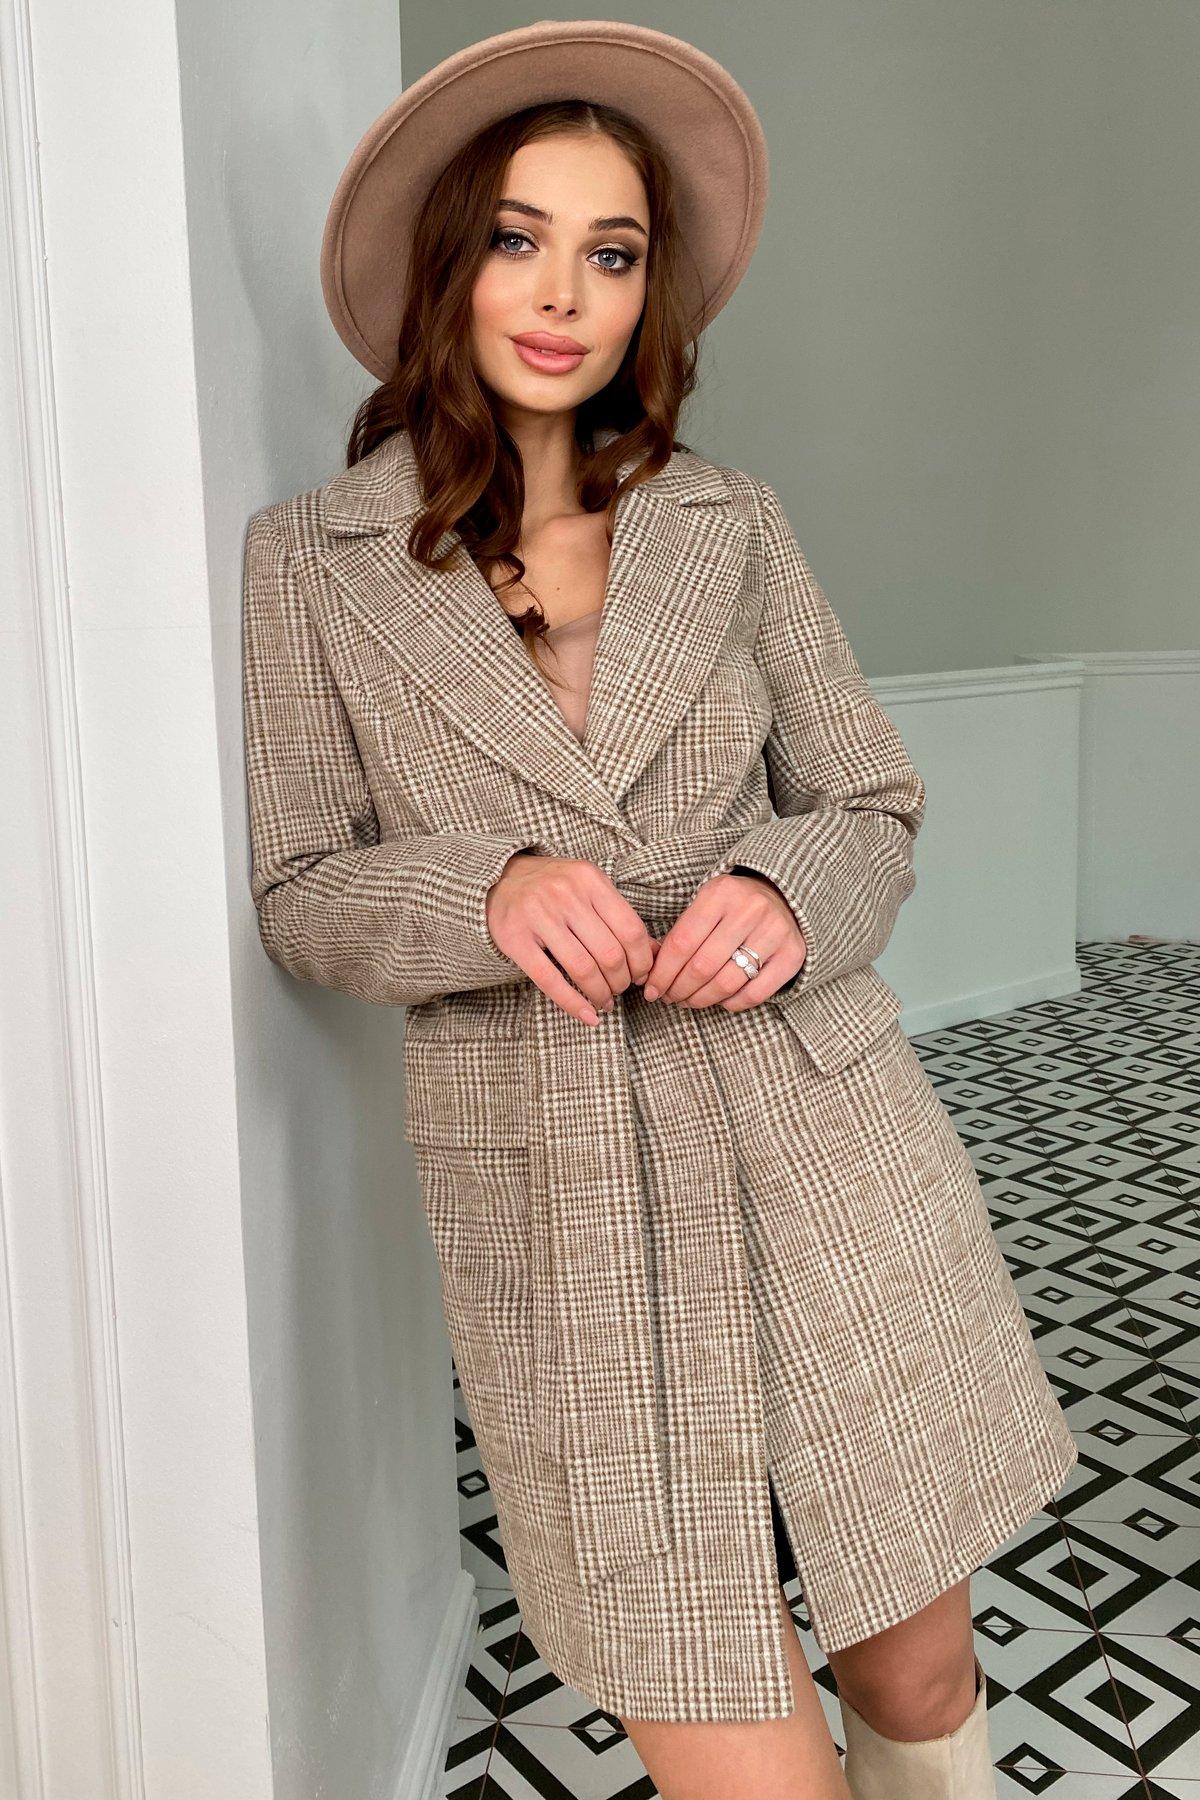 Корси клетка комби пальтовая ткань пальто 9893 АРТ. 46186 Цвет: Шоколад/молоко - фото 1, интернет магазин tm-modus.ru